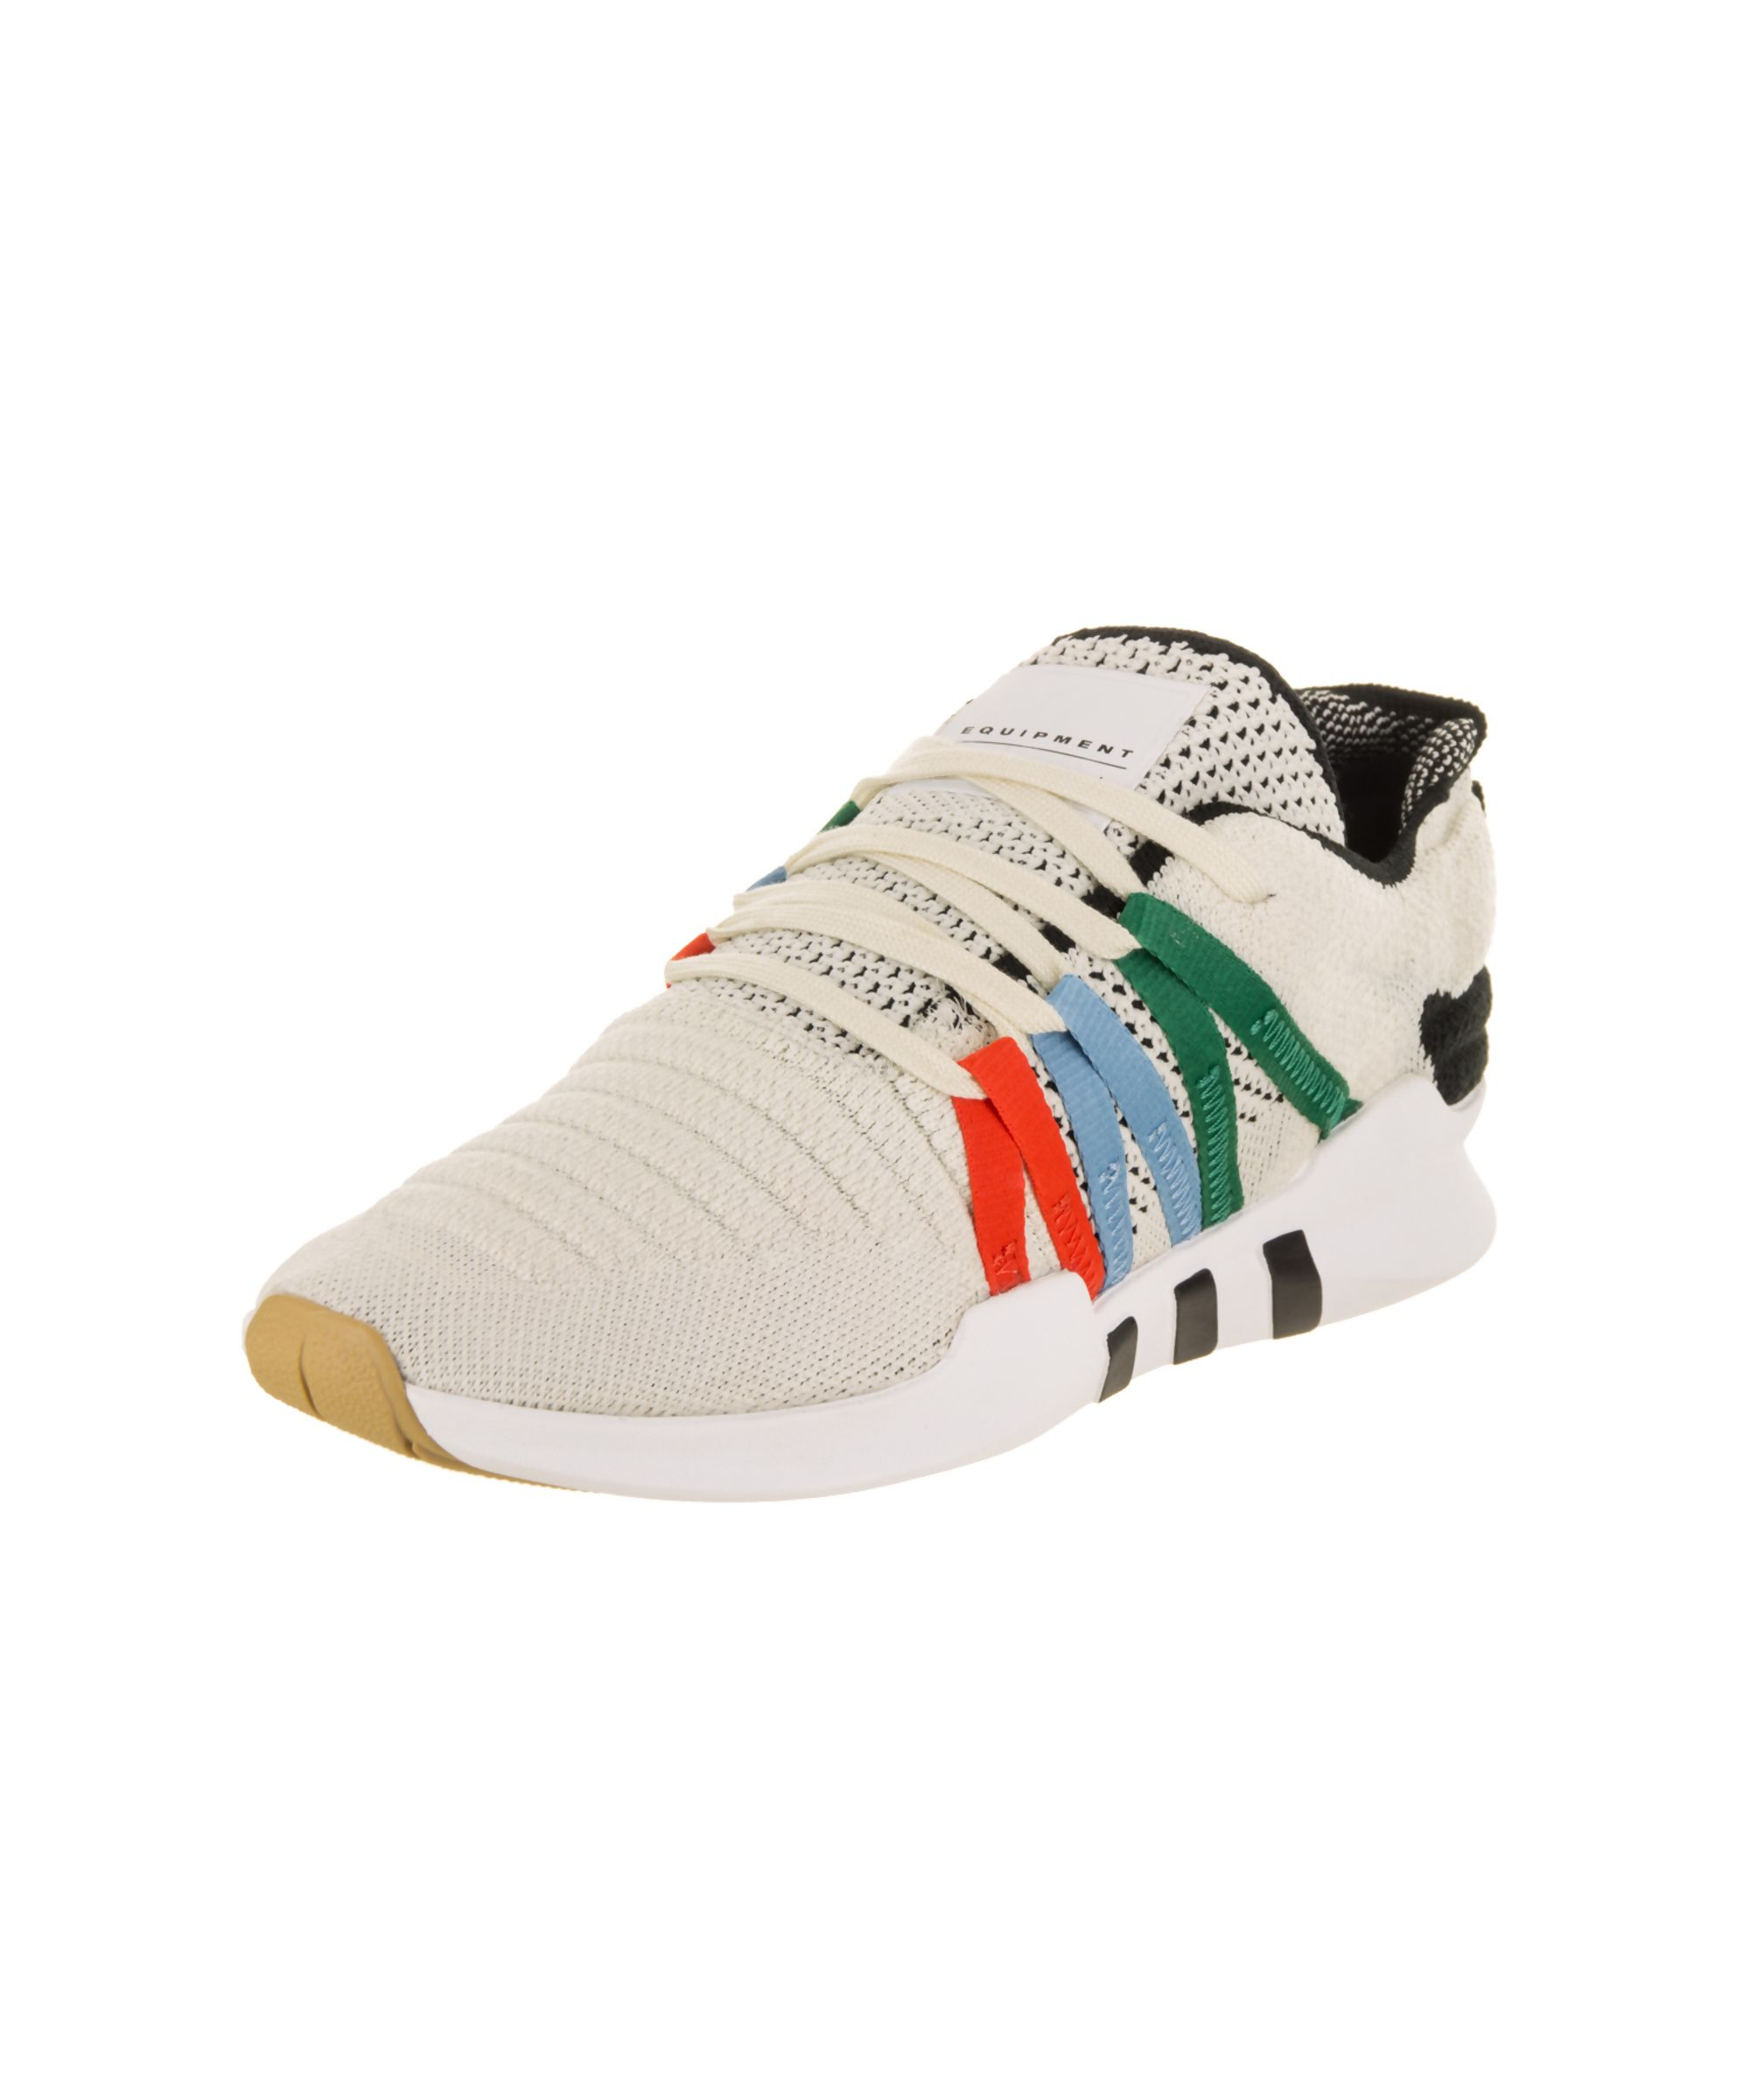 Adidas Mujeres Adidas EQT Racing ADV PK originales zapatillas de entrenamiento